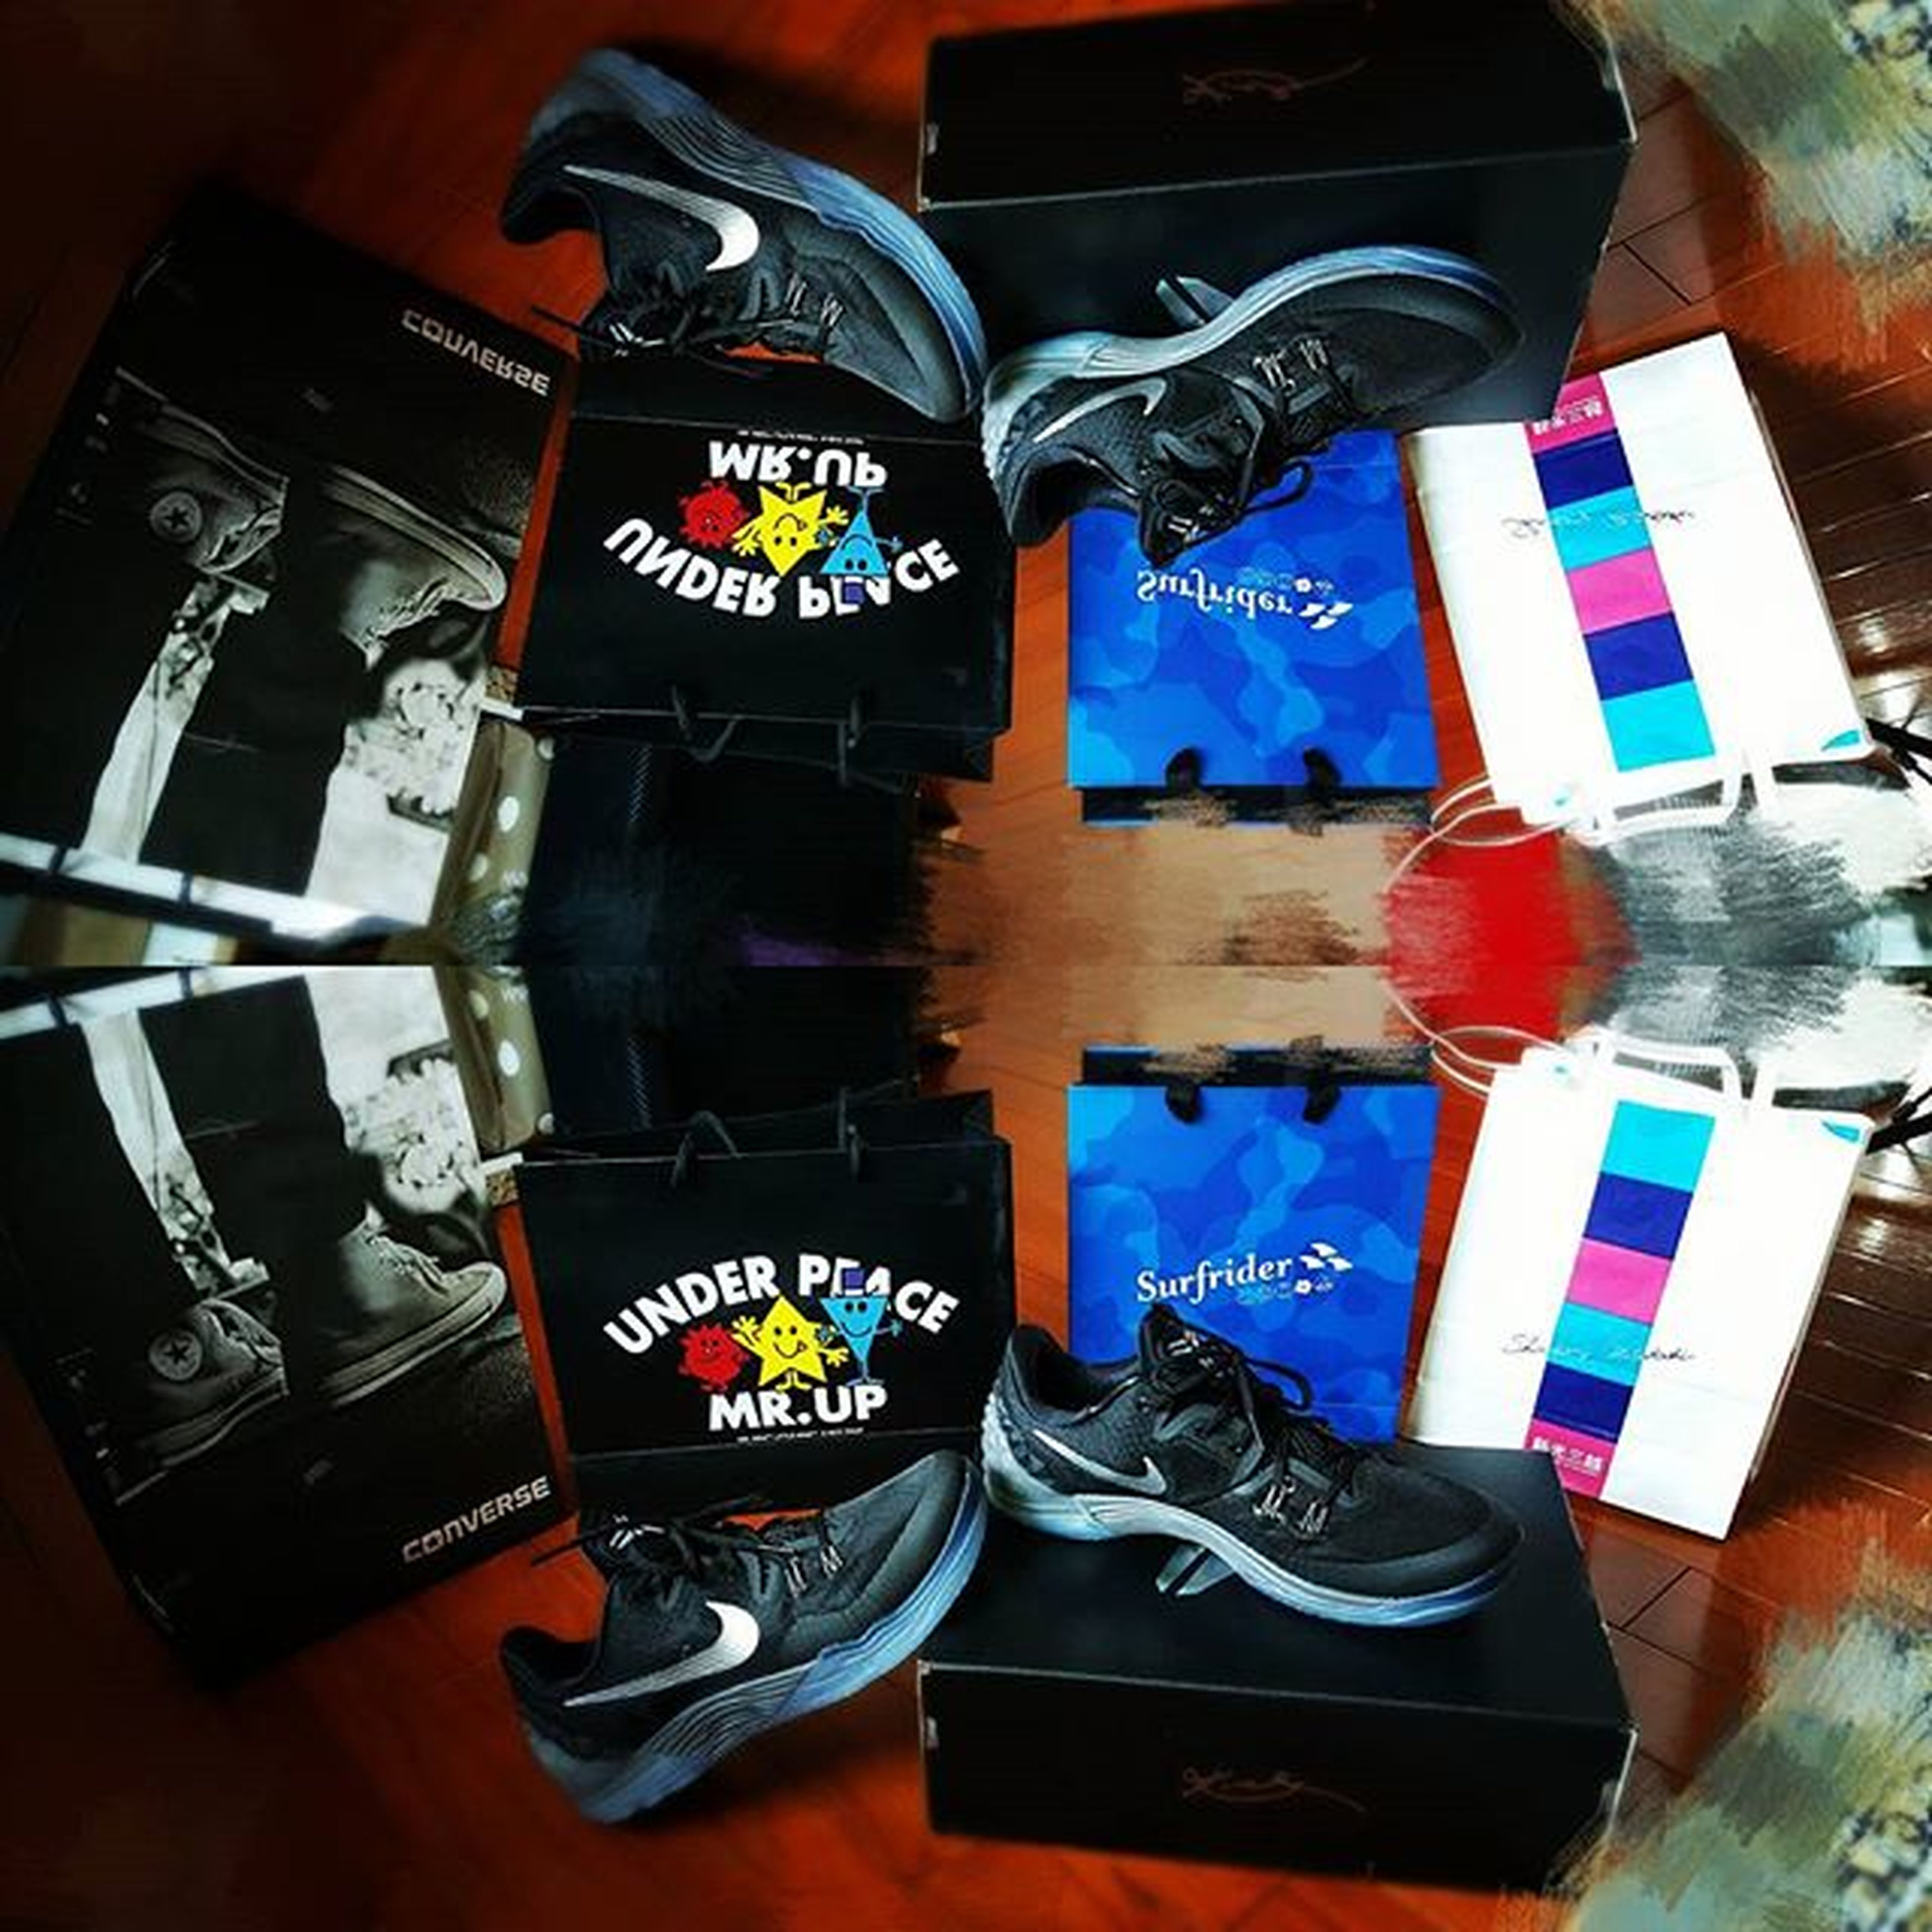 這個禮拜荷包大失血💸💸💸😭😭 人生第一雙籃球鞋😆✌🎊 應該去找打工了…不過又很懶😅 Nike Zoom Kobe Underpeace HOLLISTER 2xist Converse Chucktaylorallstar2 Jordan --------------------------------------------------------------------------------- Just be myself.